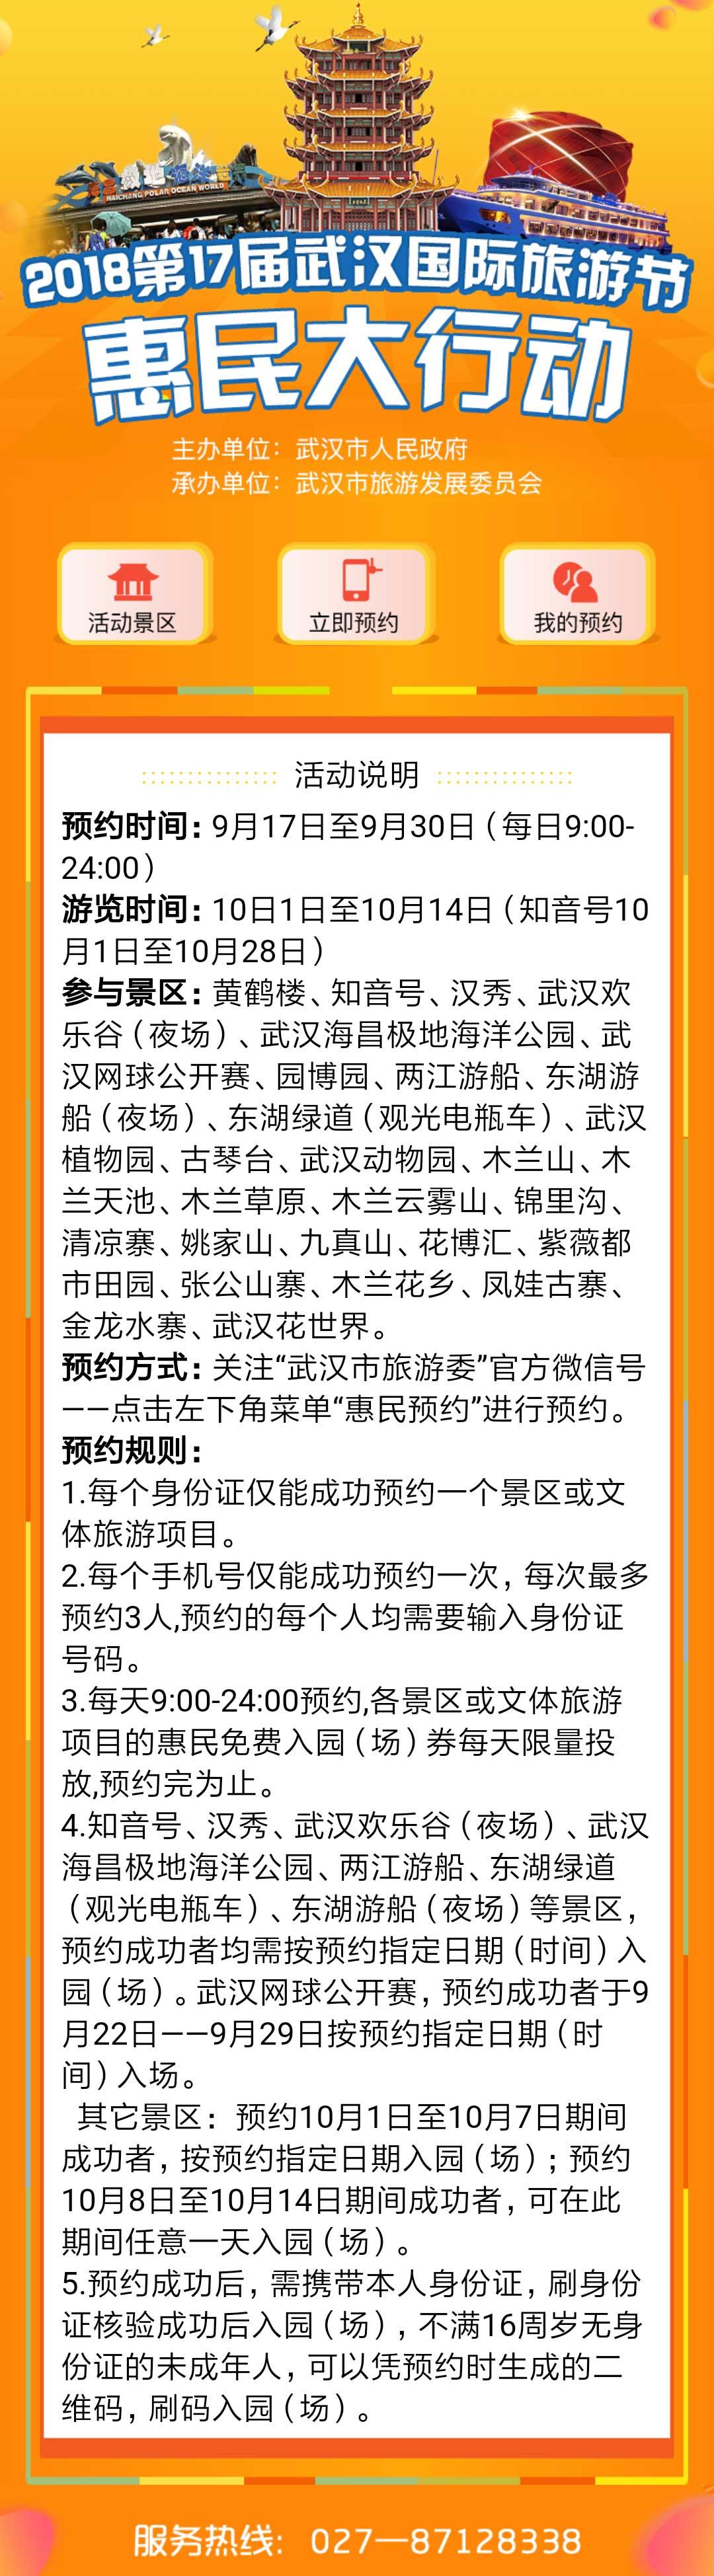 免费游27家景区!武汉30万旅游惠民券17日微信预约